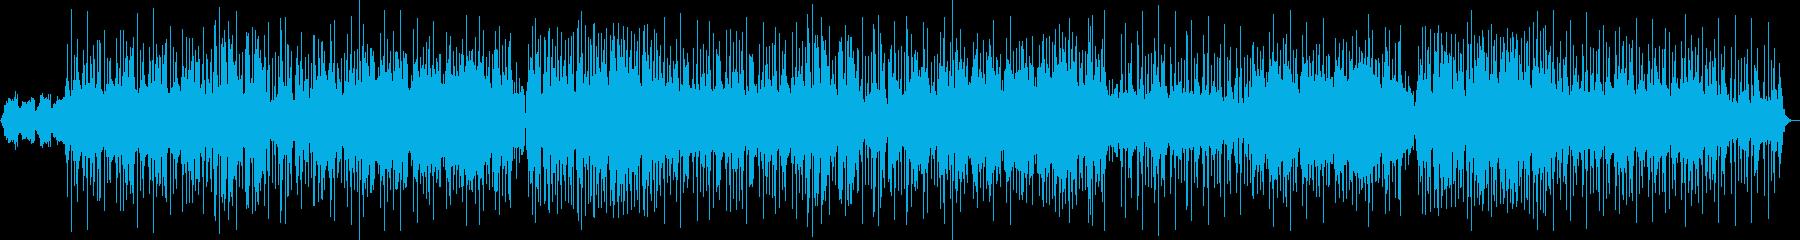 ダークな雰囲気のポップスBGMの再生済みの波形